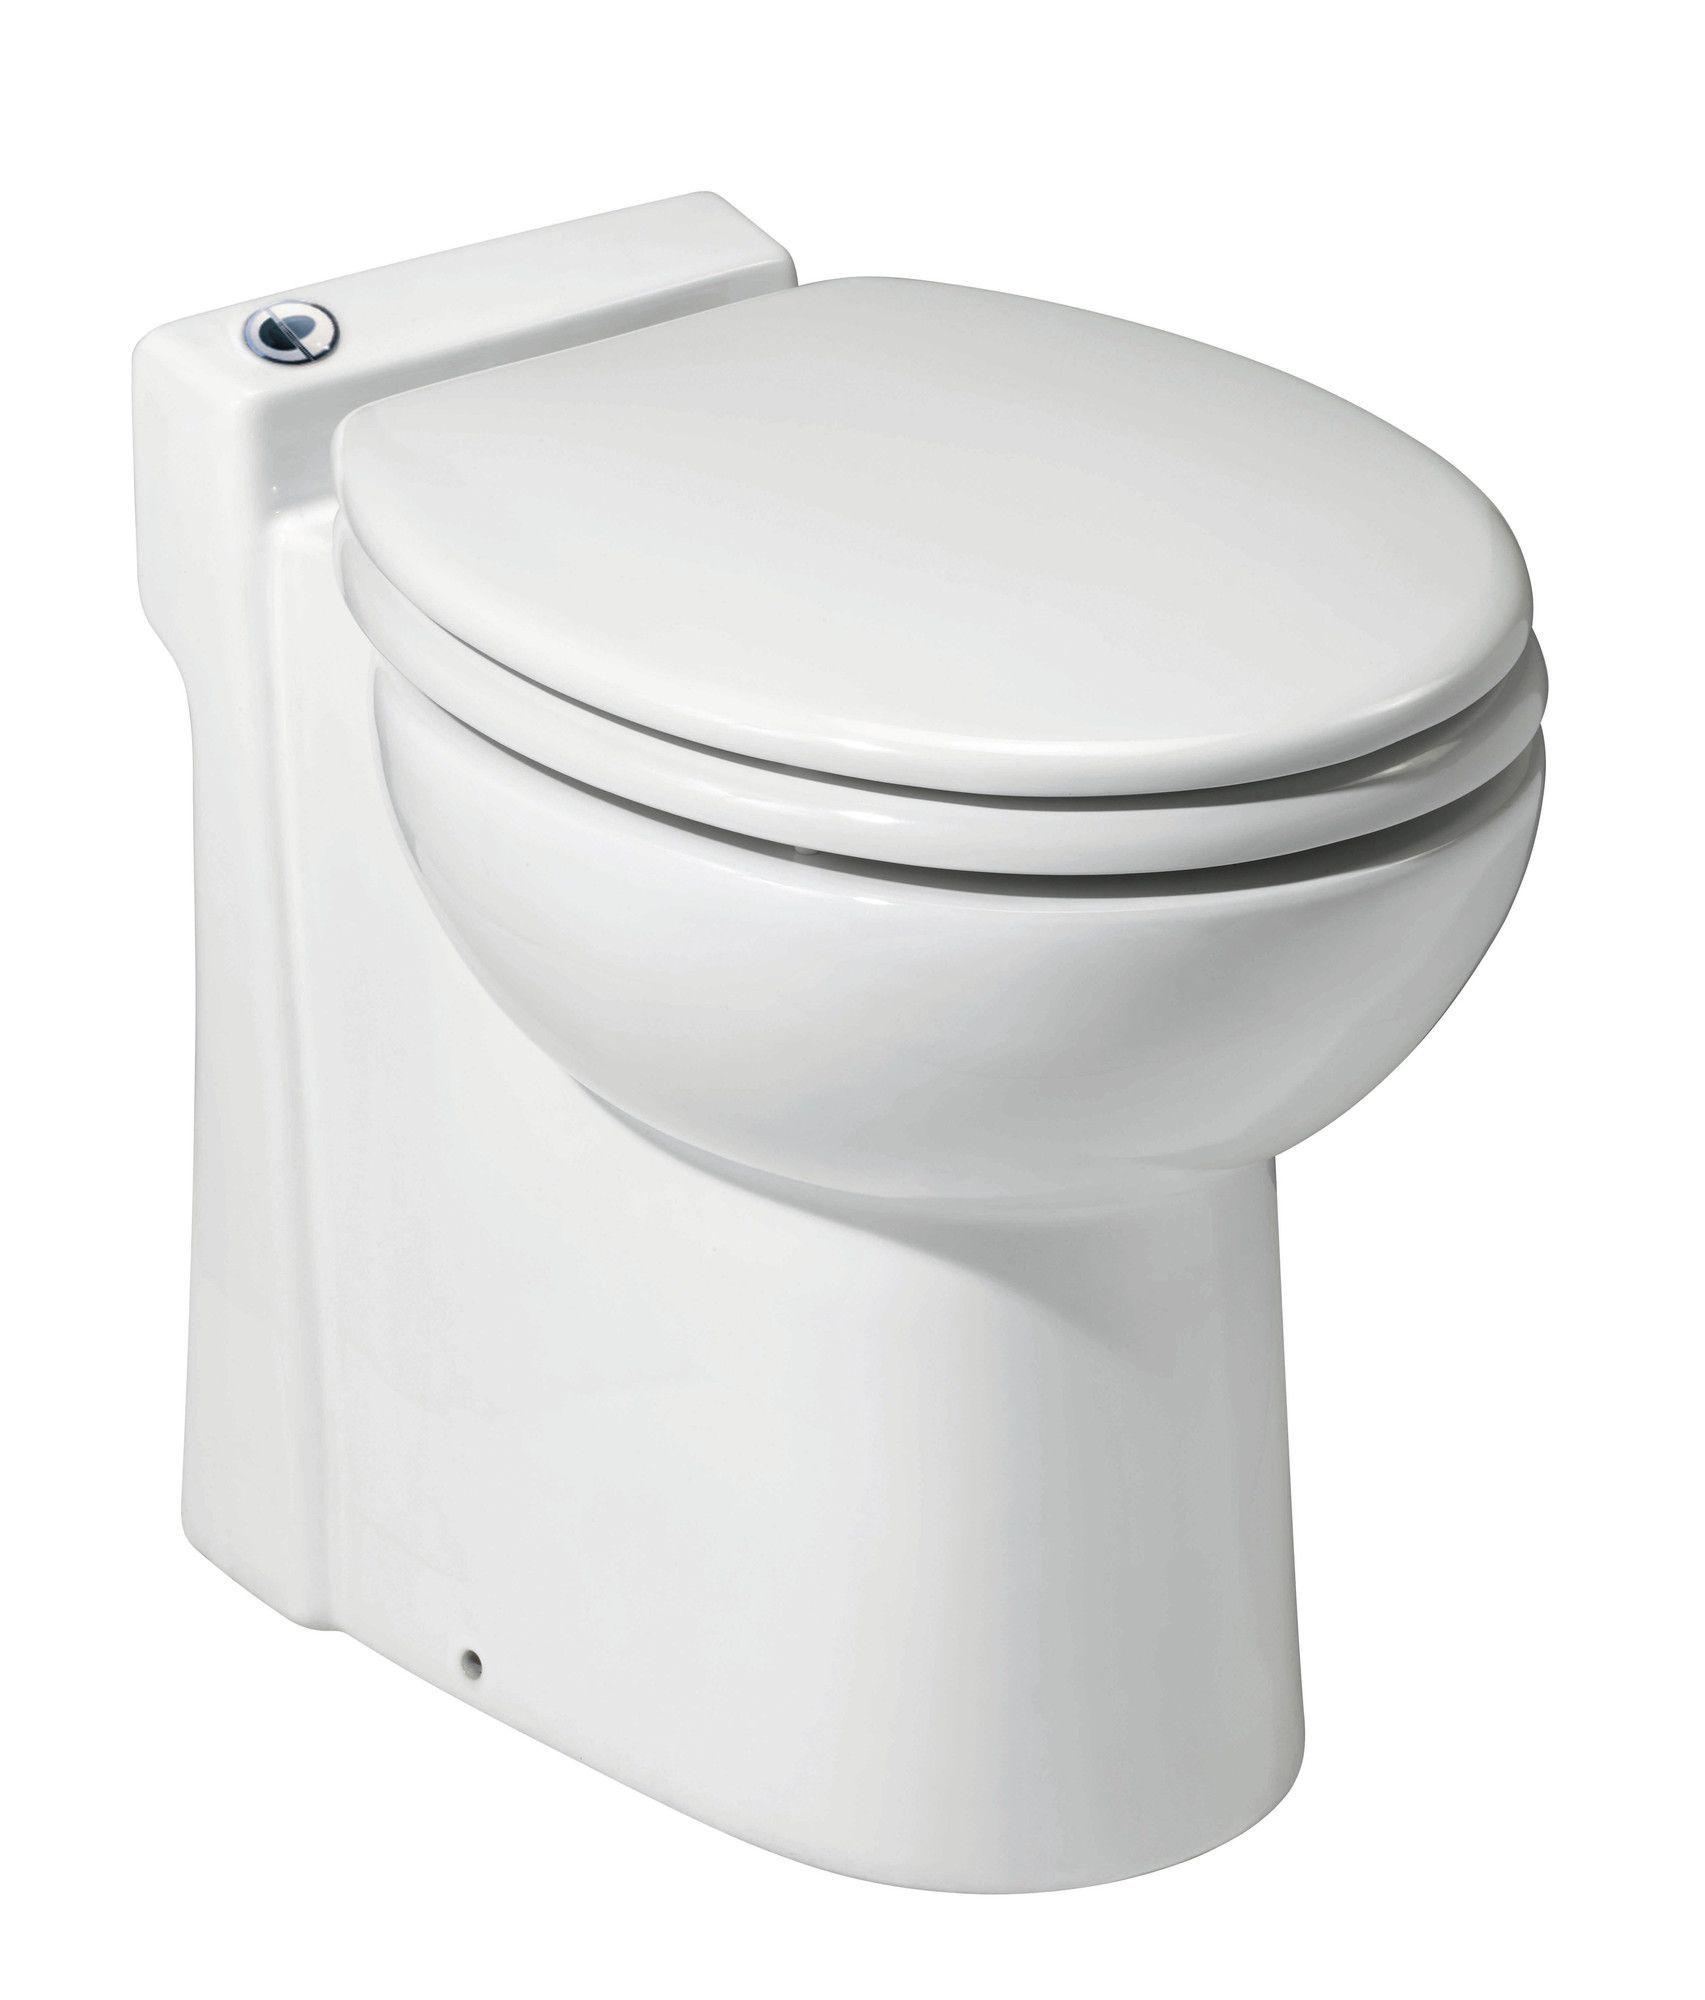 1 Piece Toilet Toilet For Small Bathroom Upflush Toilet One Piece Toilets